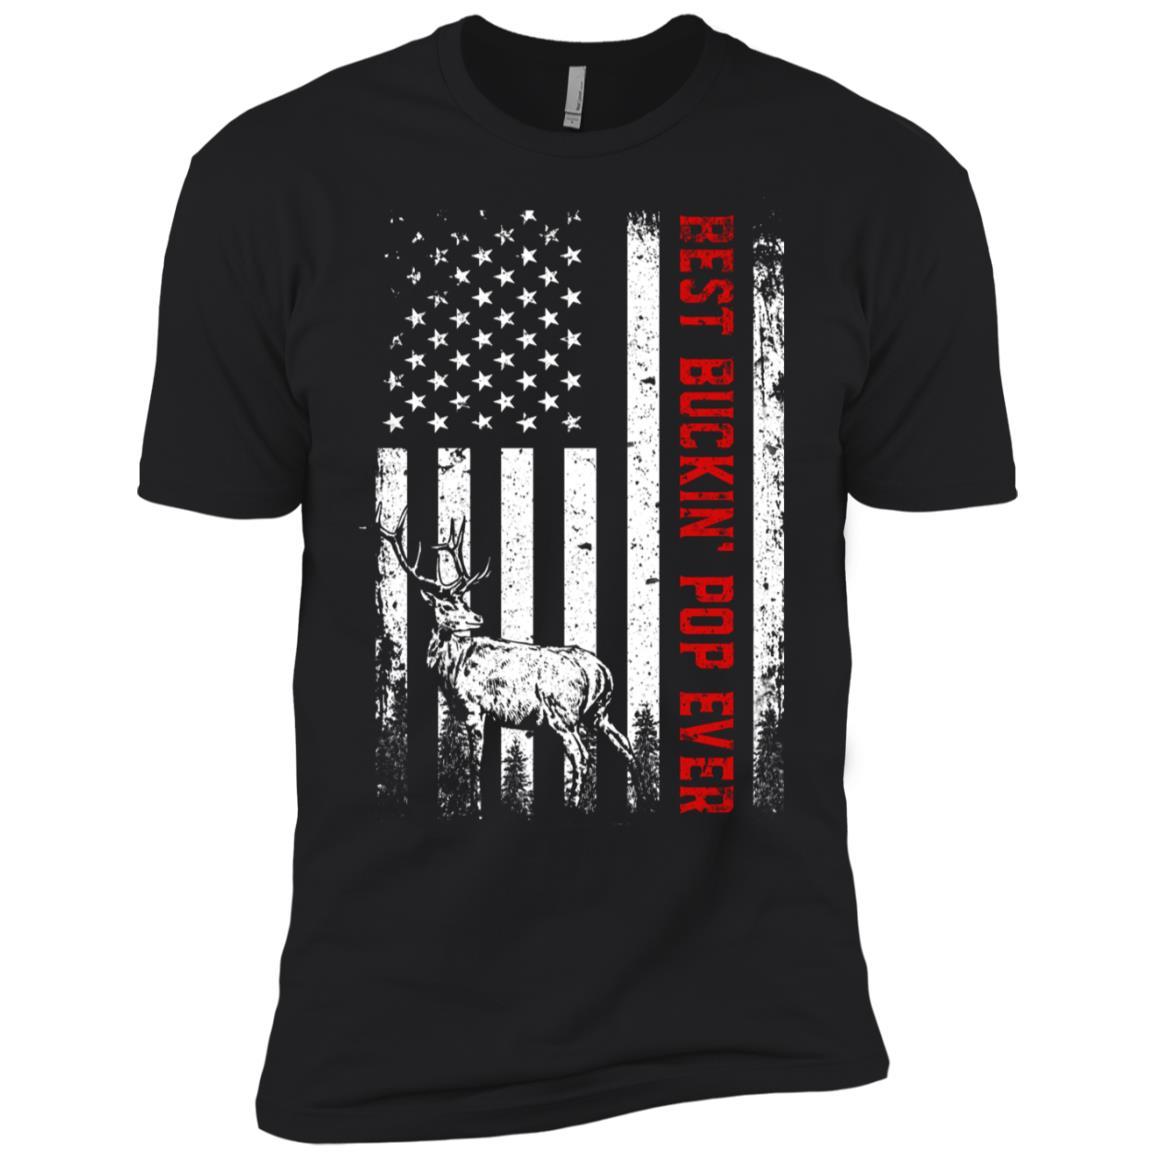 Best Buckin' Pop Ever Deer Hunting Father's Day Gift Men Short Sleeve T-Shirt